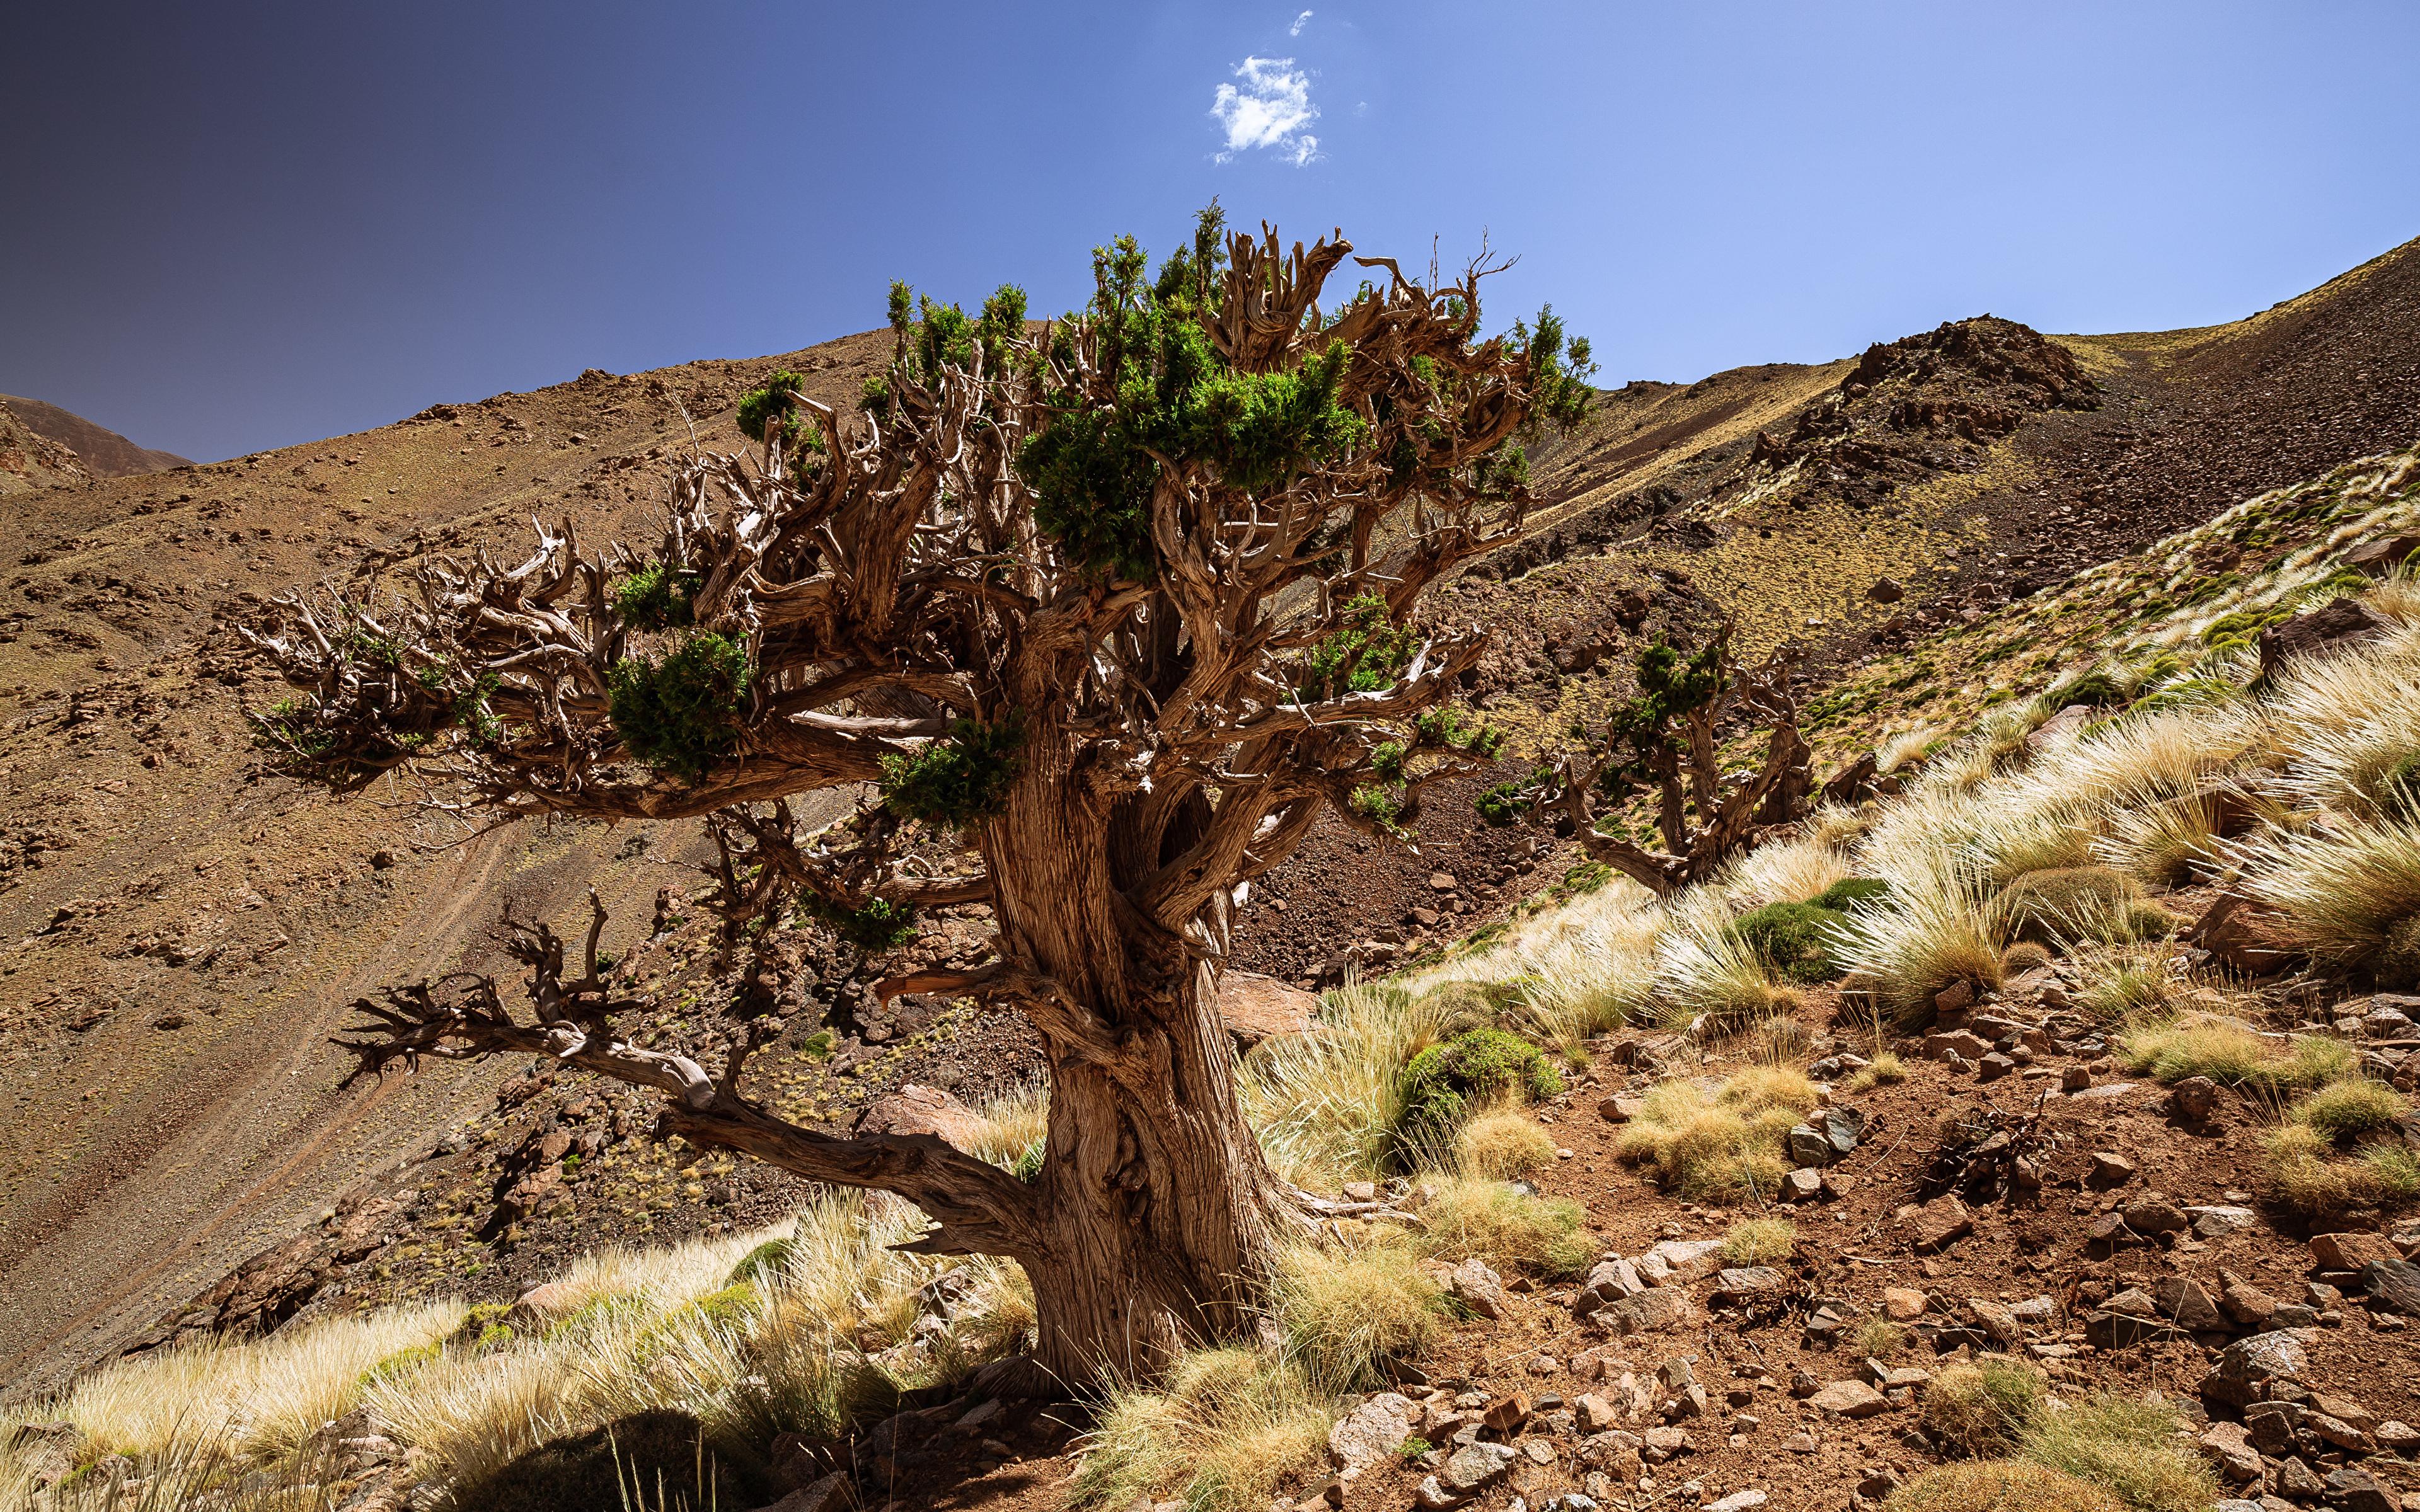 Обои для рабочего стола Африка Марокко Juniper Tree Природа Камни Деревья 3840x2400 Камень дерево дерева деревьев